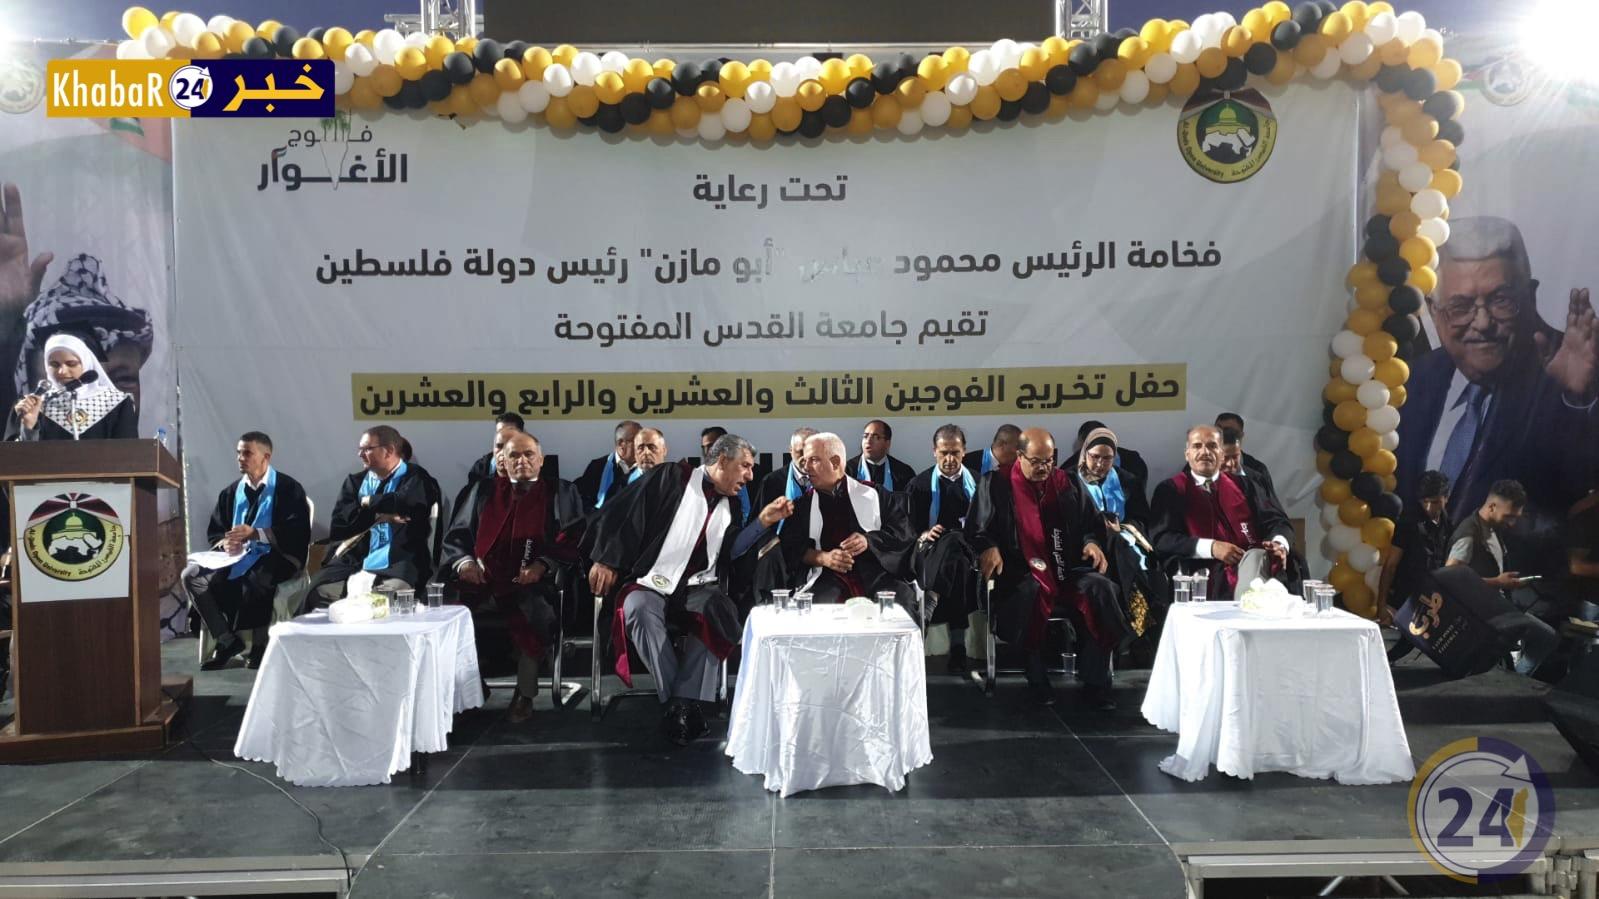 حفل تخريج طلاب جامعة القدس المفتوحة في الخليل